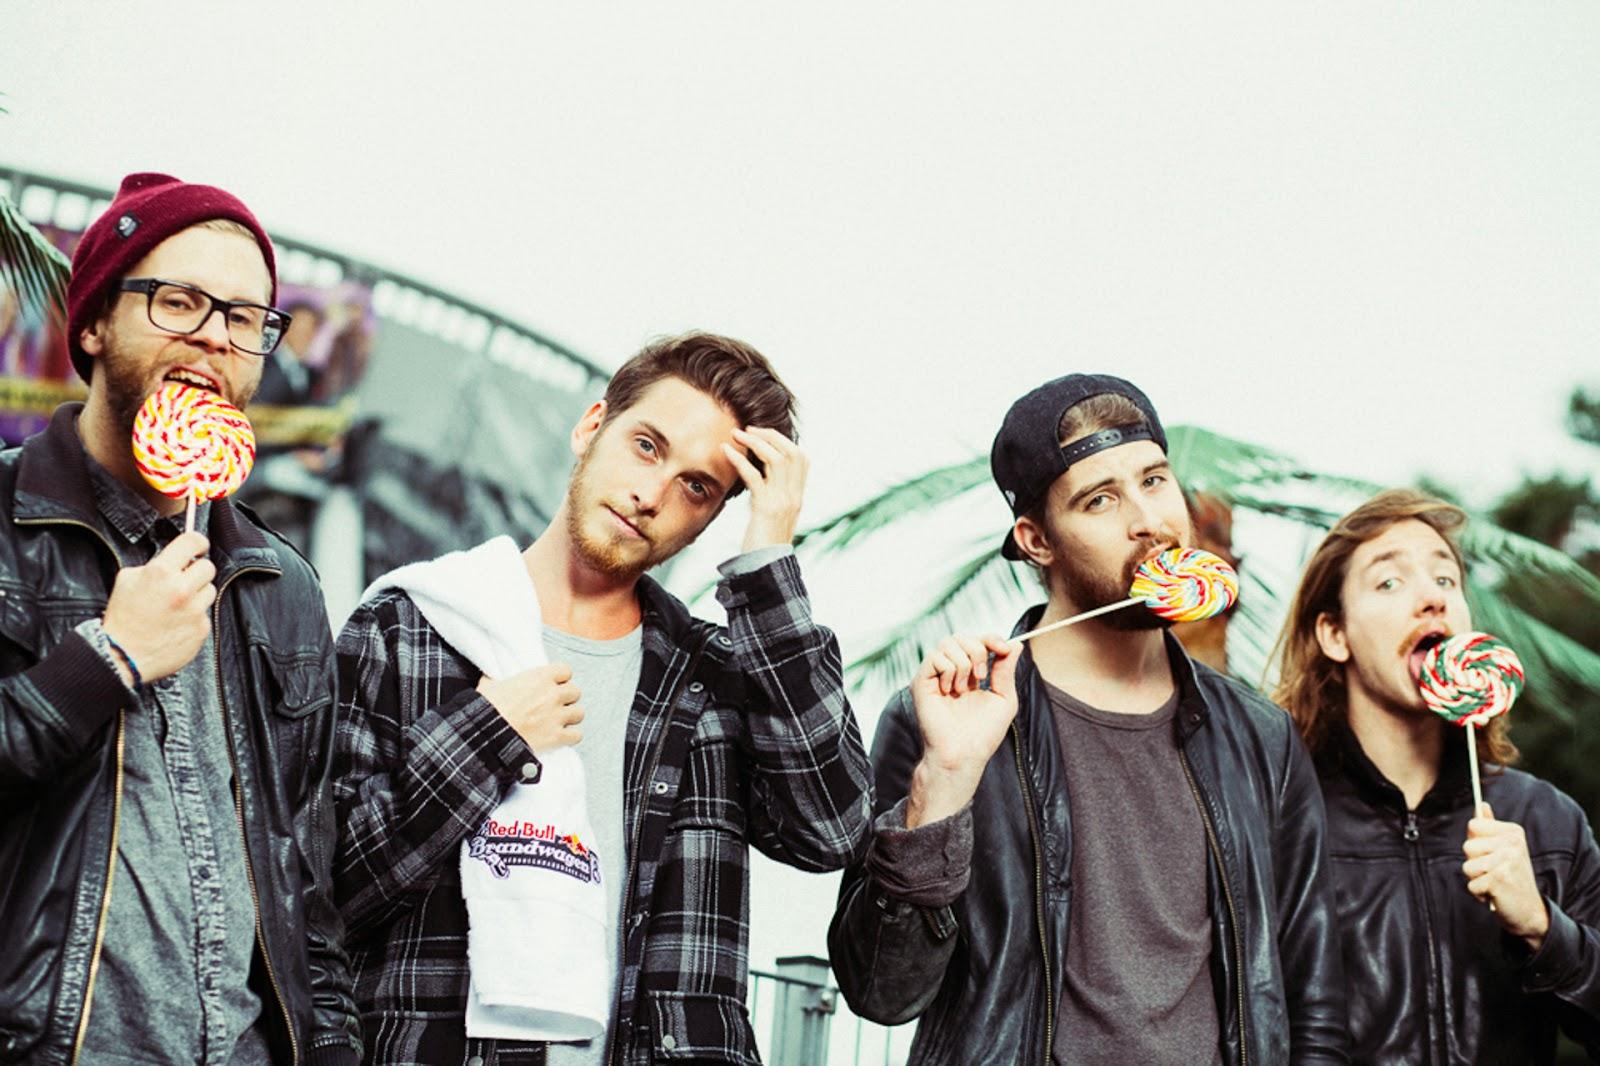 #sweet #guys #themakemakes #esc #2015 #vienna #wien #austria #matthiasheschl #photography #lollipop #lutscher #brandwagen #givesyouwings #portrait